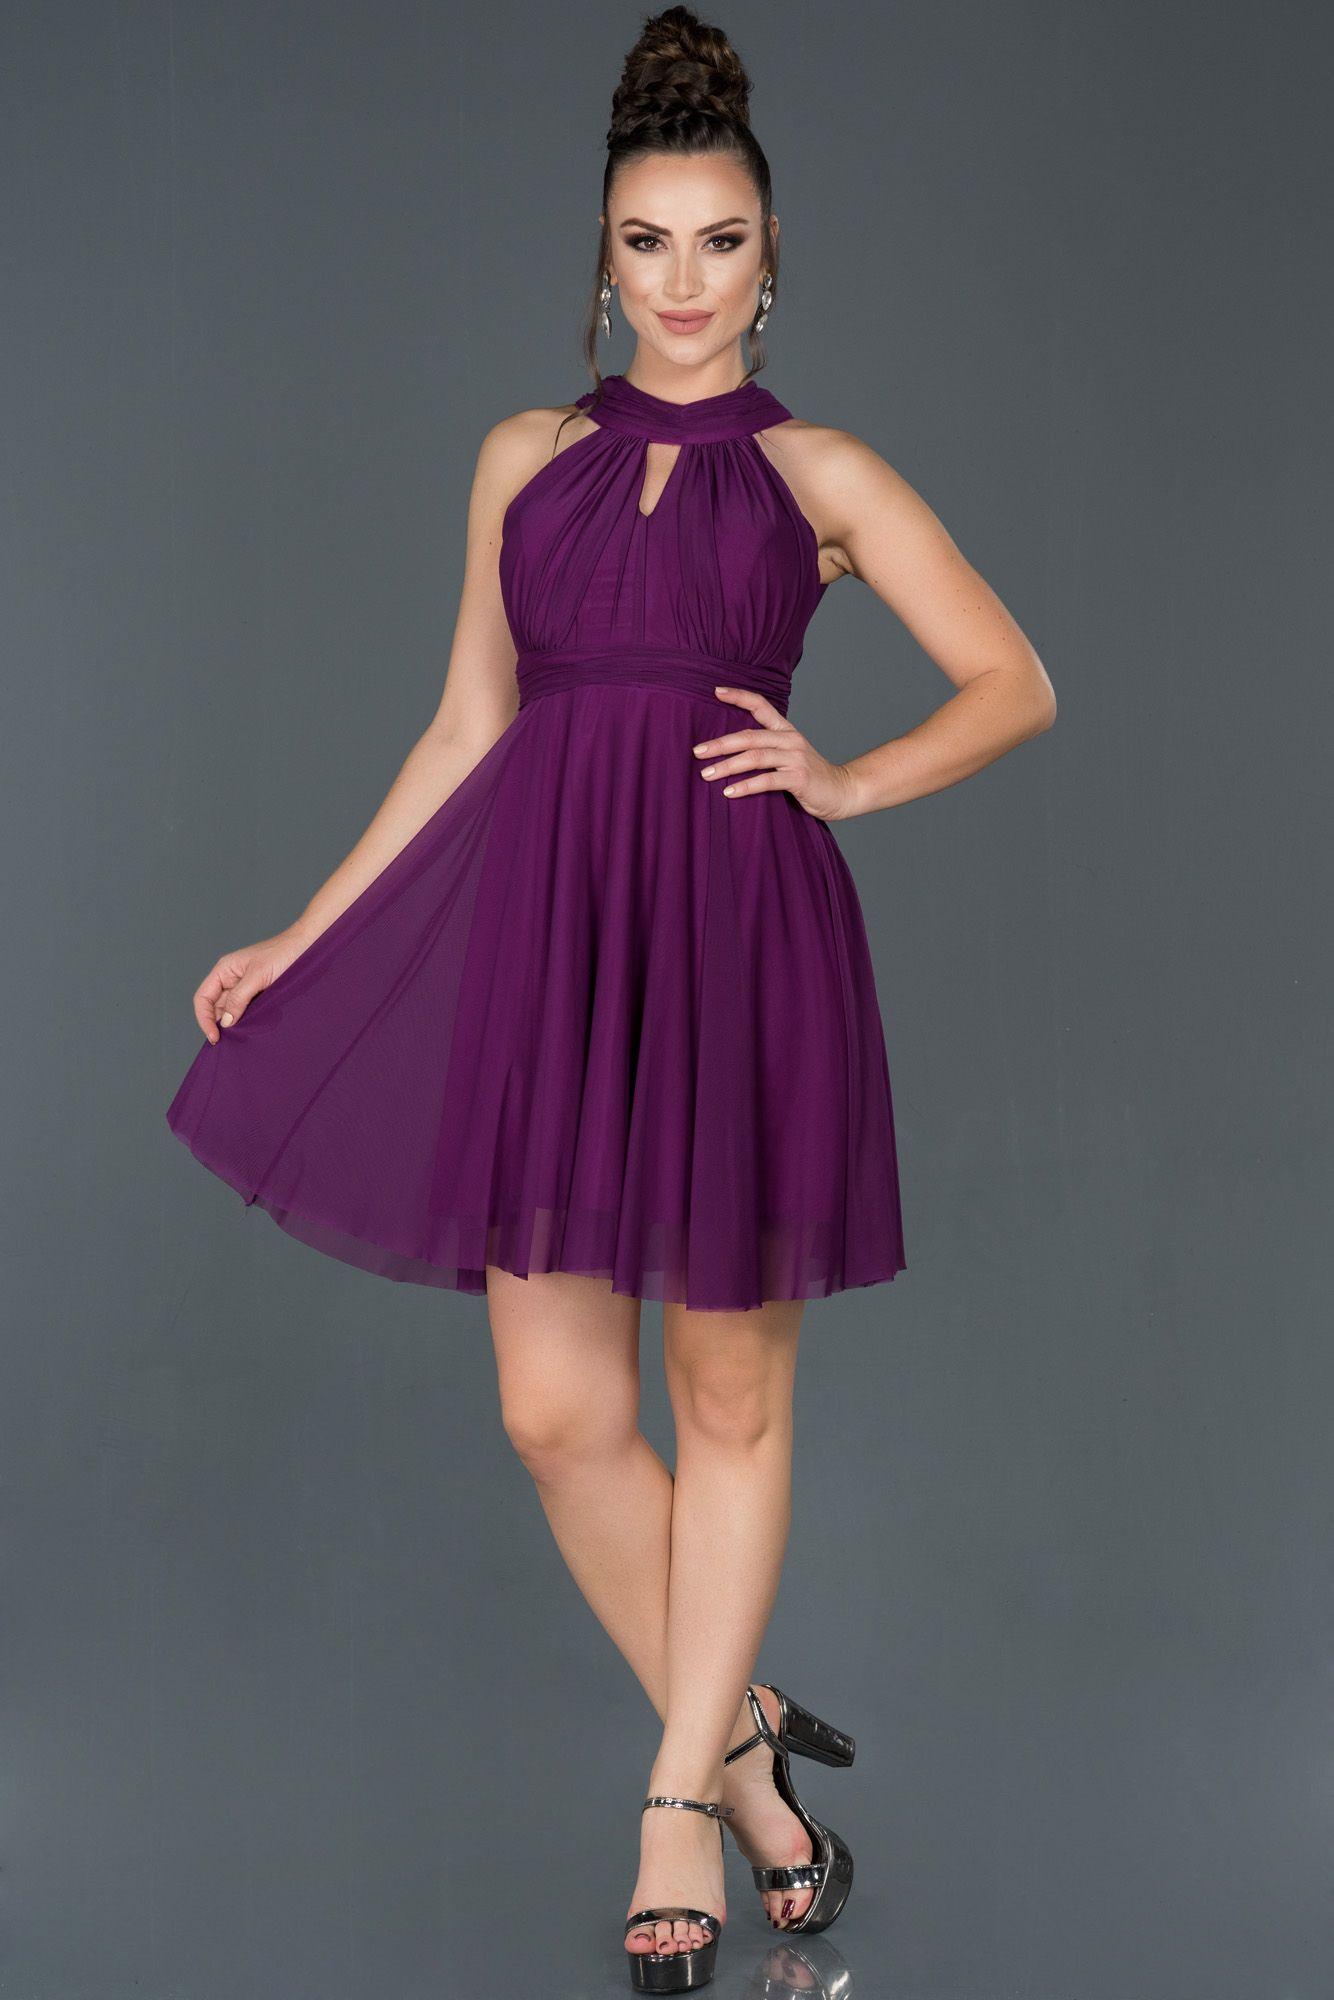 Mor Kisa Boyundan Baglamali Abiye Elbise Abk224 2020 Elbise Modelleri Elbise Moda Stilleri